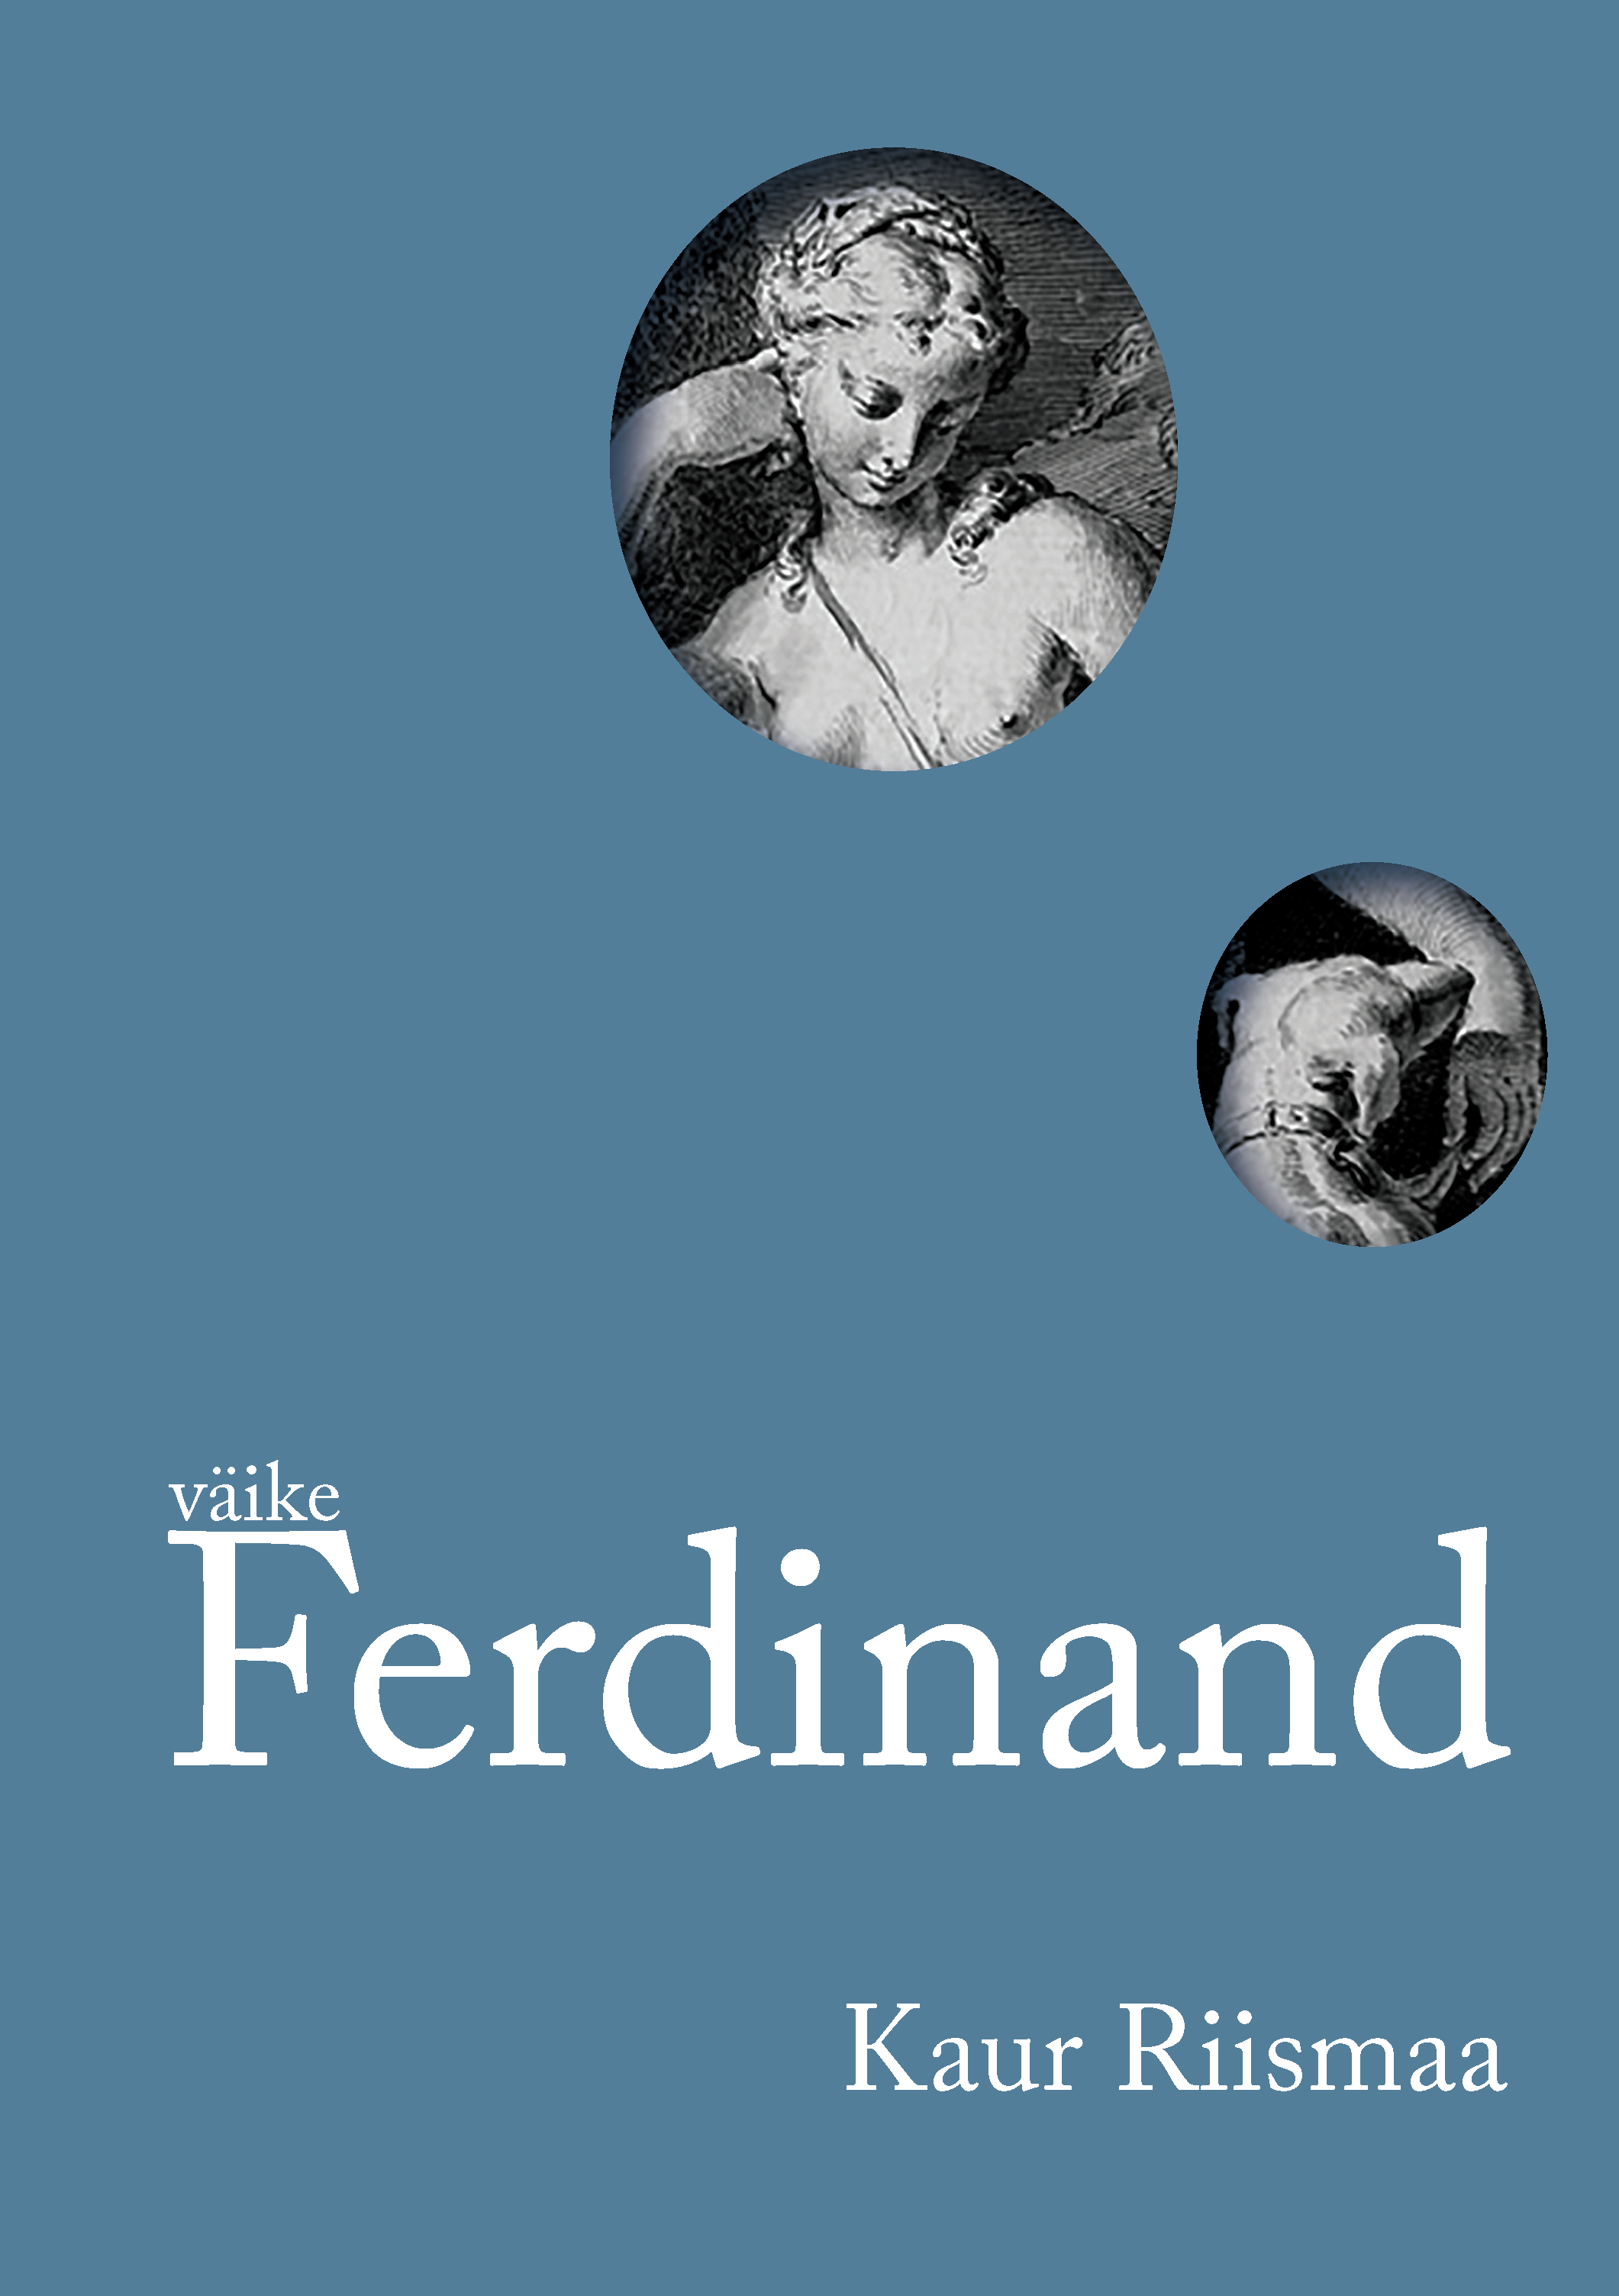 Väike ferdinand